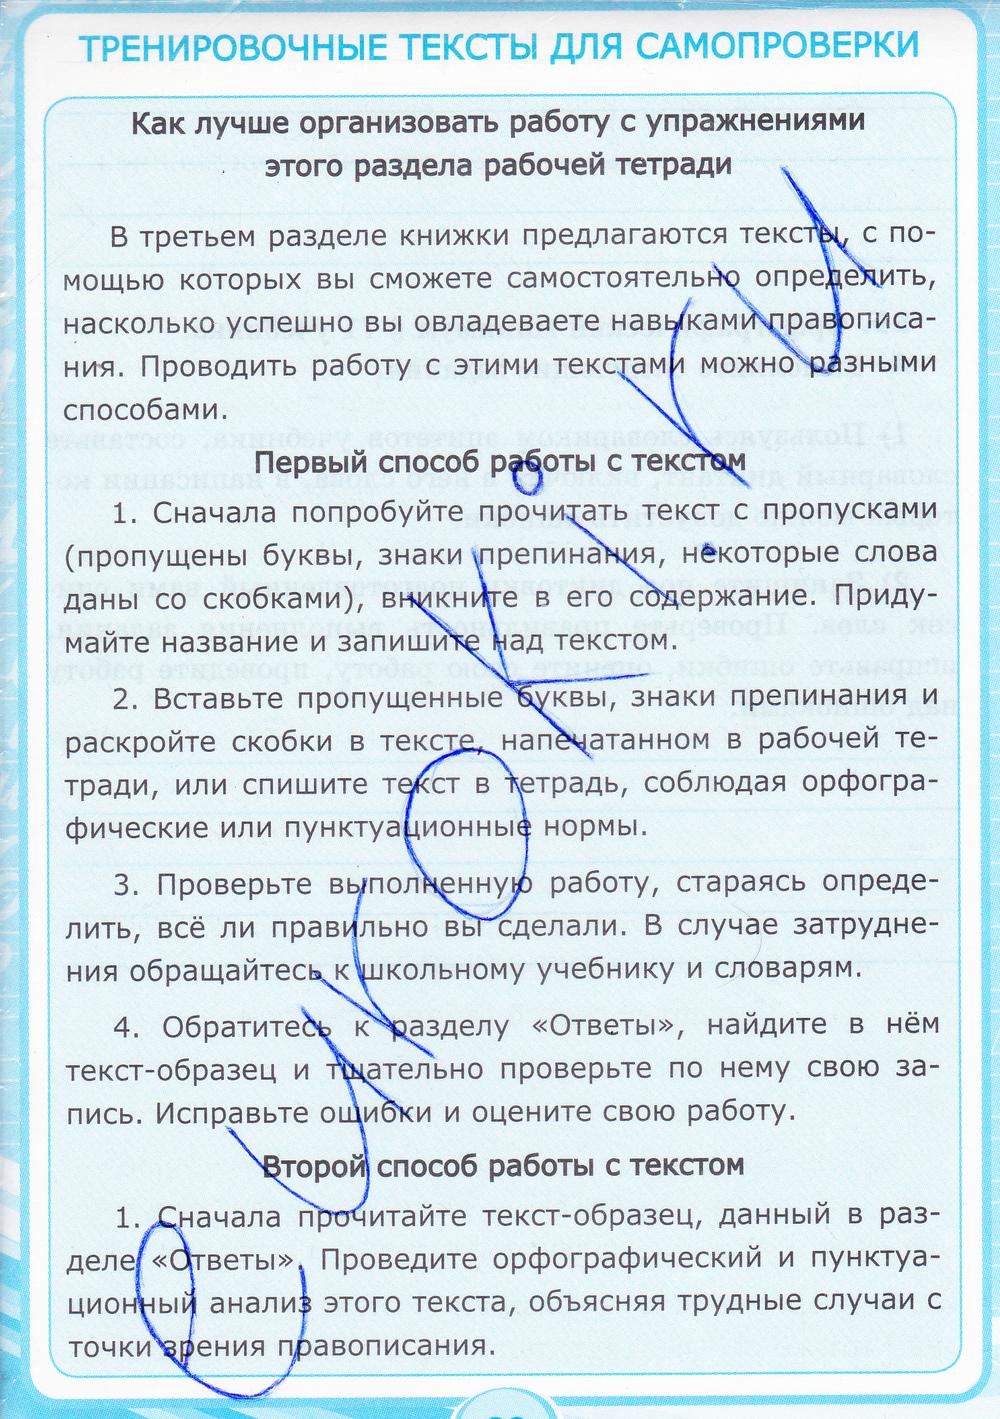 решебник рабочей тетради по русскому языку 6 класс львова